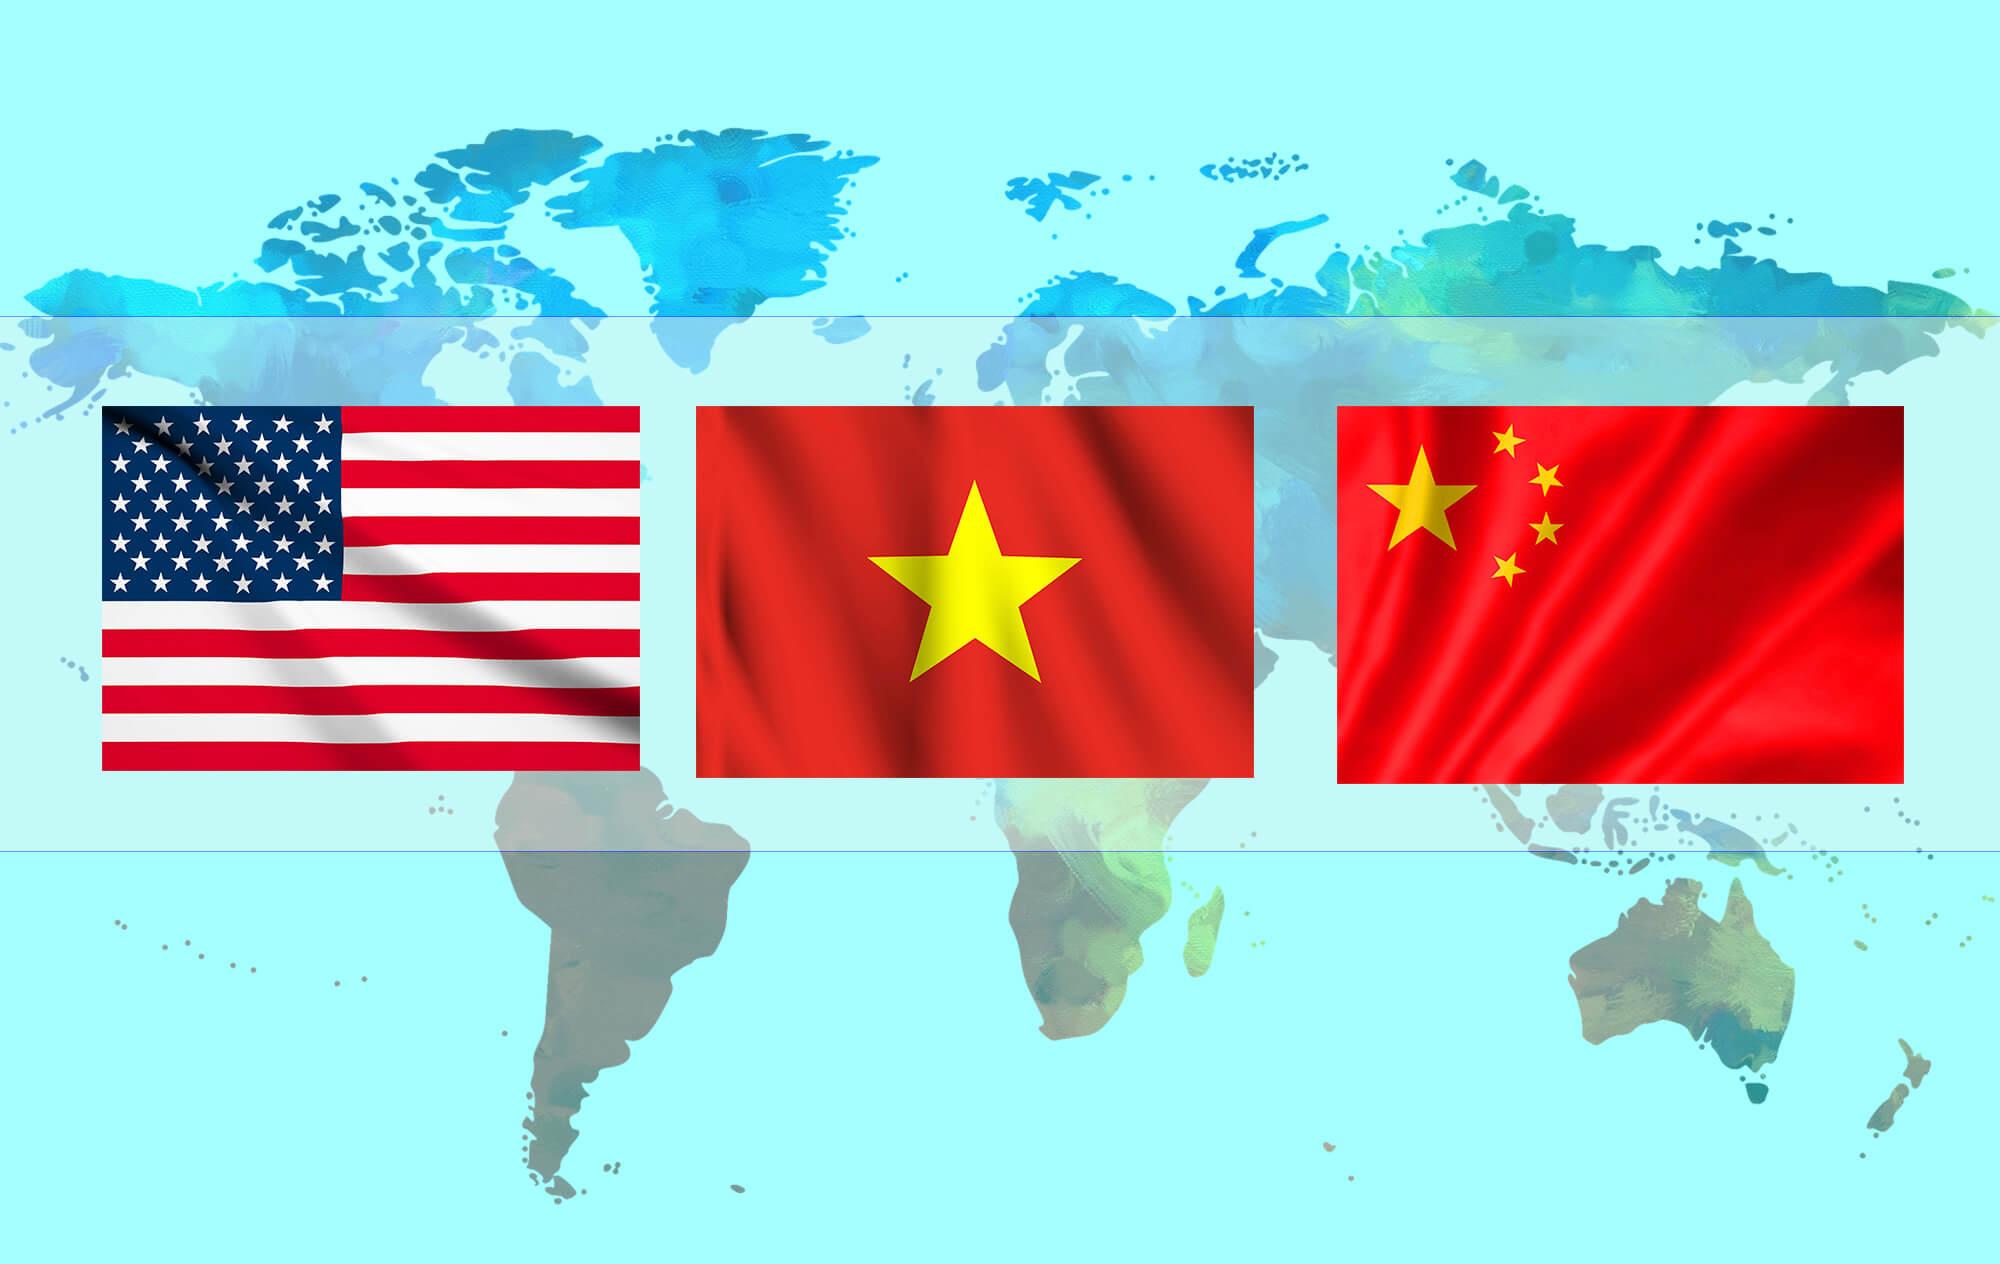 加速する「中国からの生産移管」| 米中貿易戦争と新型コロナウイルスがベトナム経済に与える影響とは?